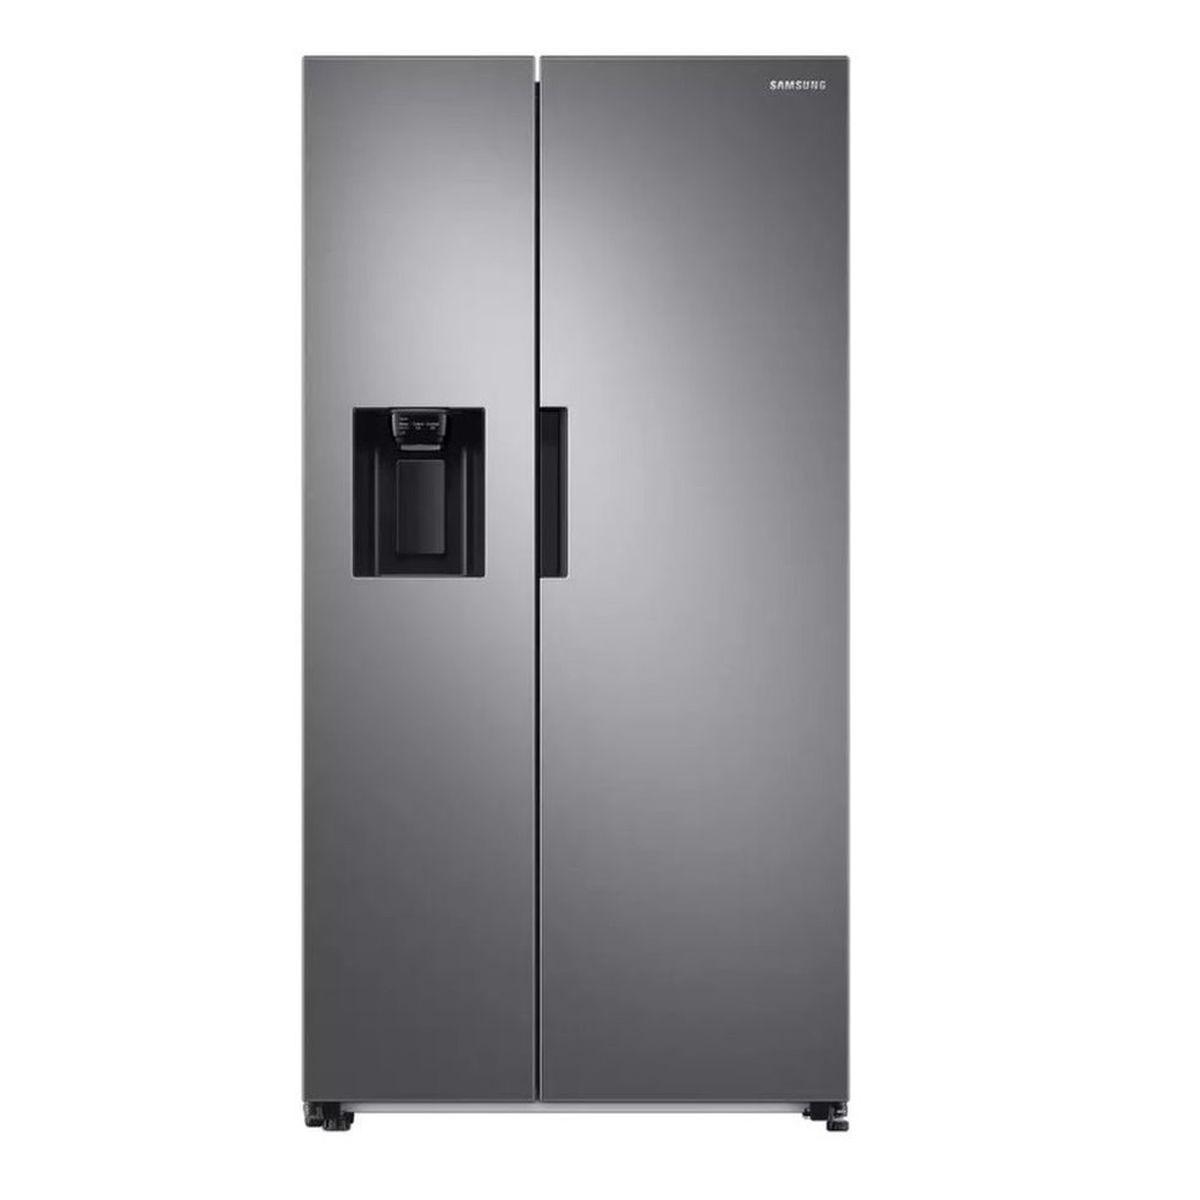 Réfrigérateur américain RS67A8810S9, 634 L, Froid ventilé